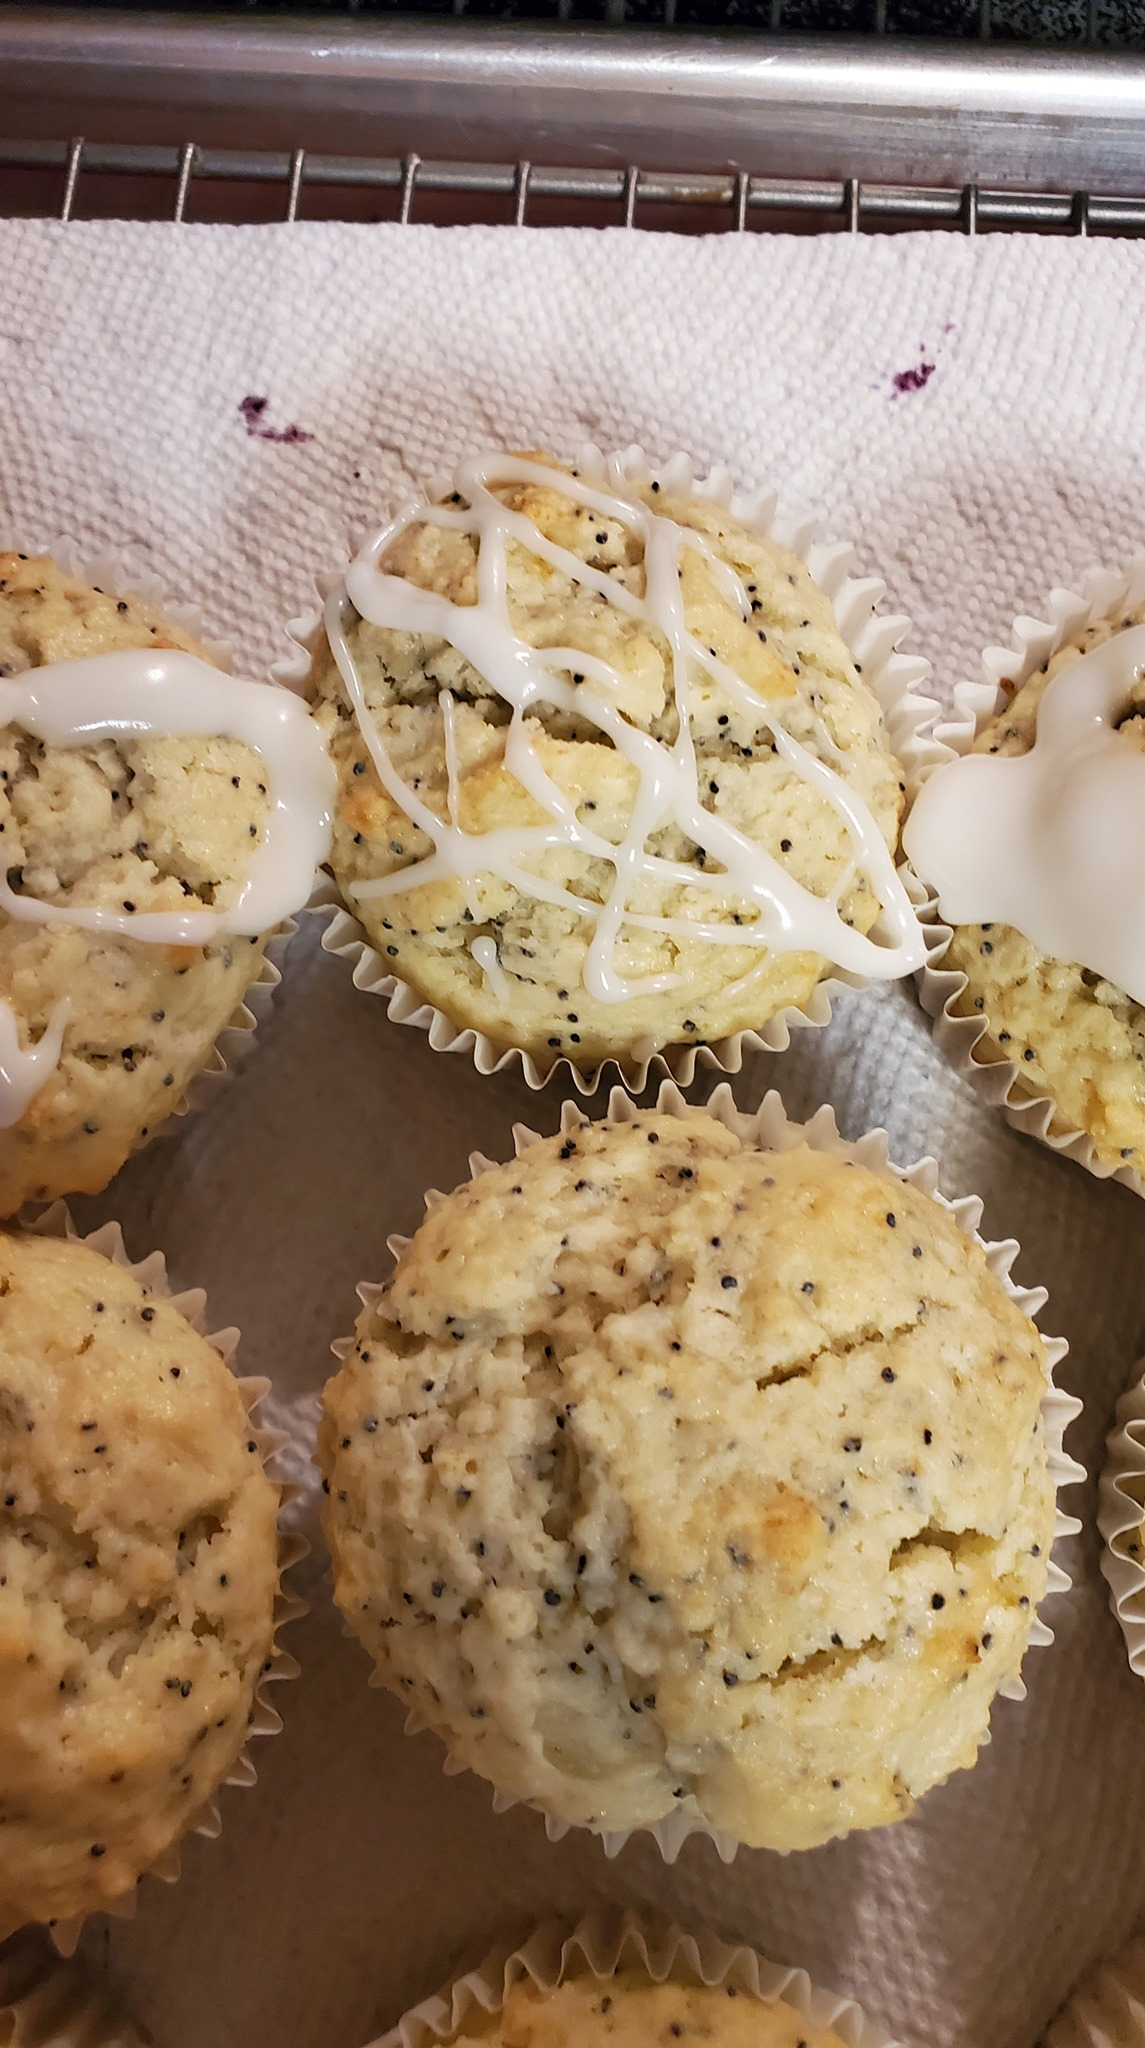 Lemon-poppy-seed-muffins-June-4-2021